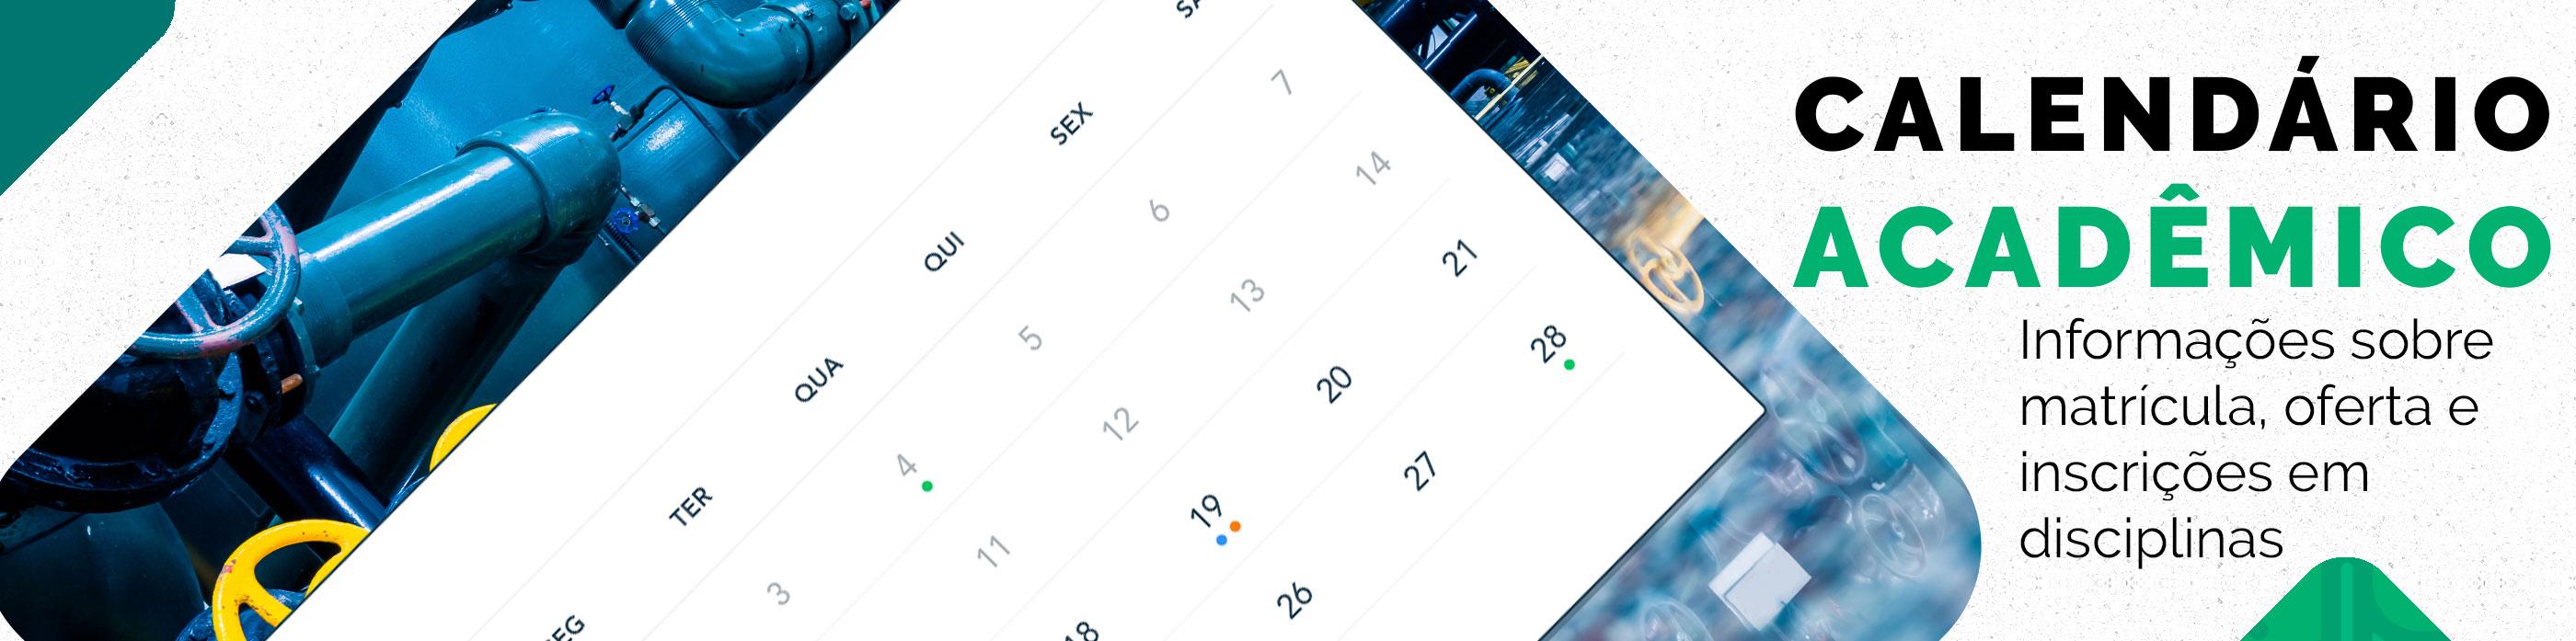 Imagem contendo um calendário e link para o Calendário Acadêmico do PPGEP